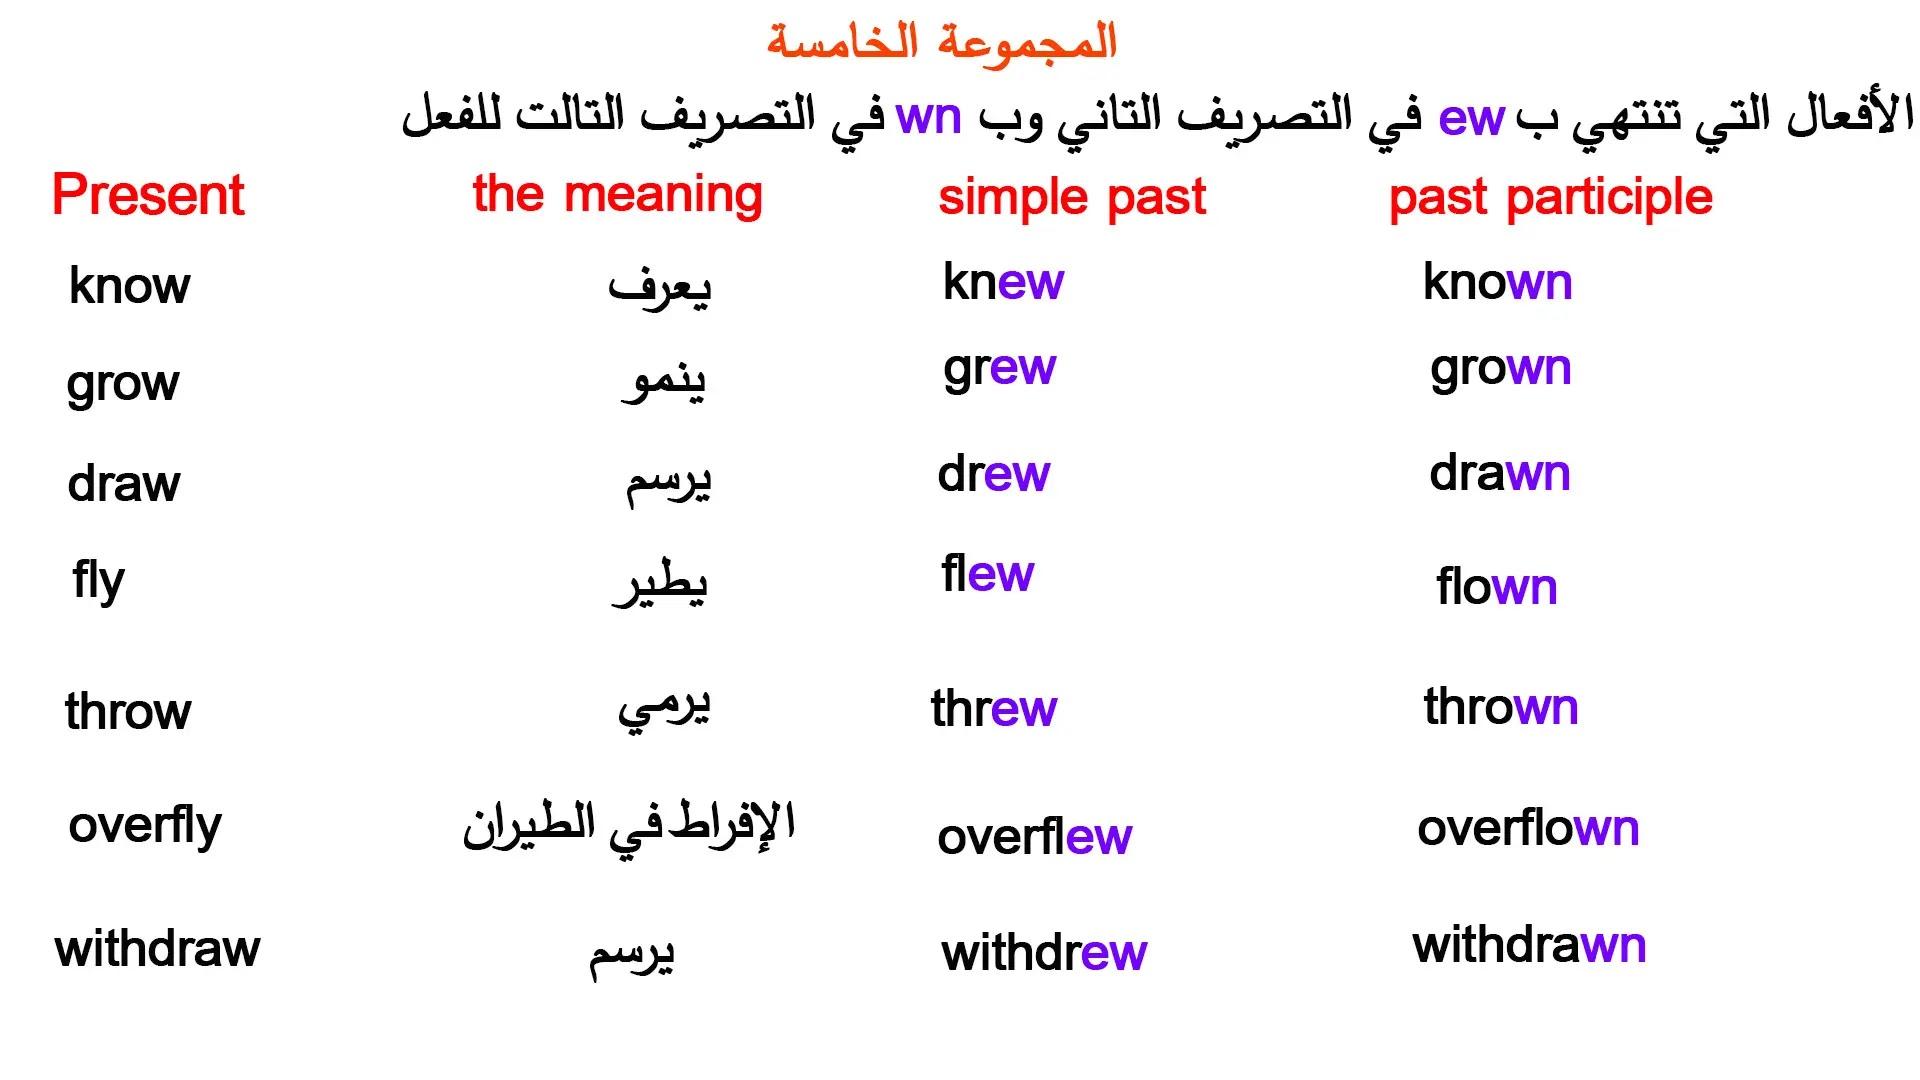 االألفعال الشاذة  irregular verbs